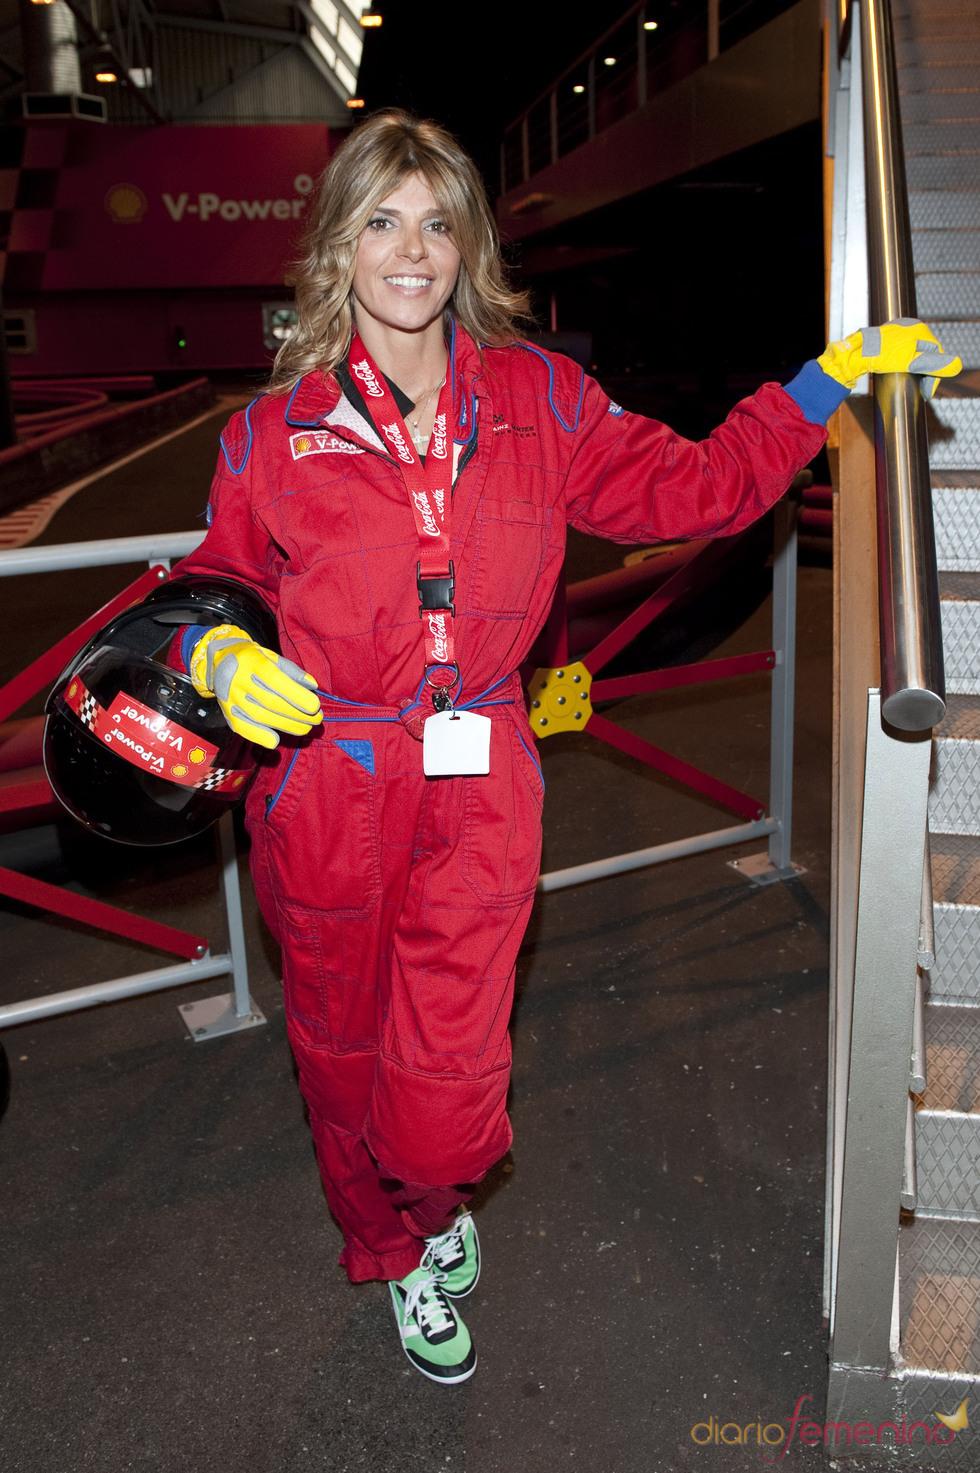 Arancha de Benito, piloto de Fórmula 1 el Día de la Mujer Trabajadora